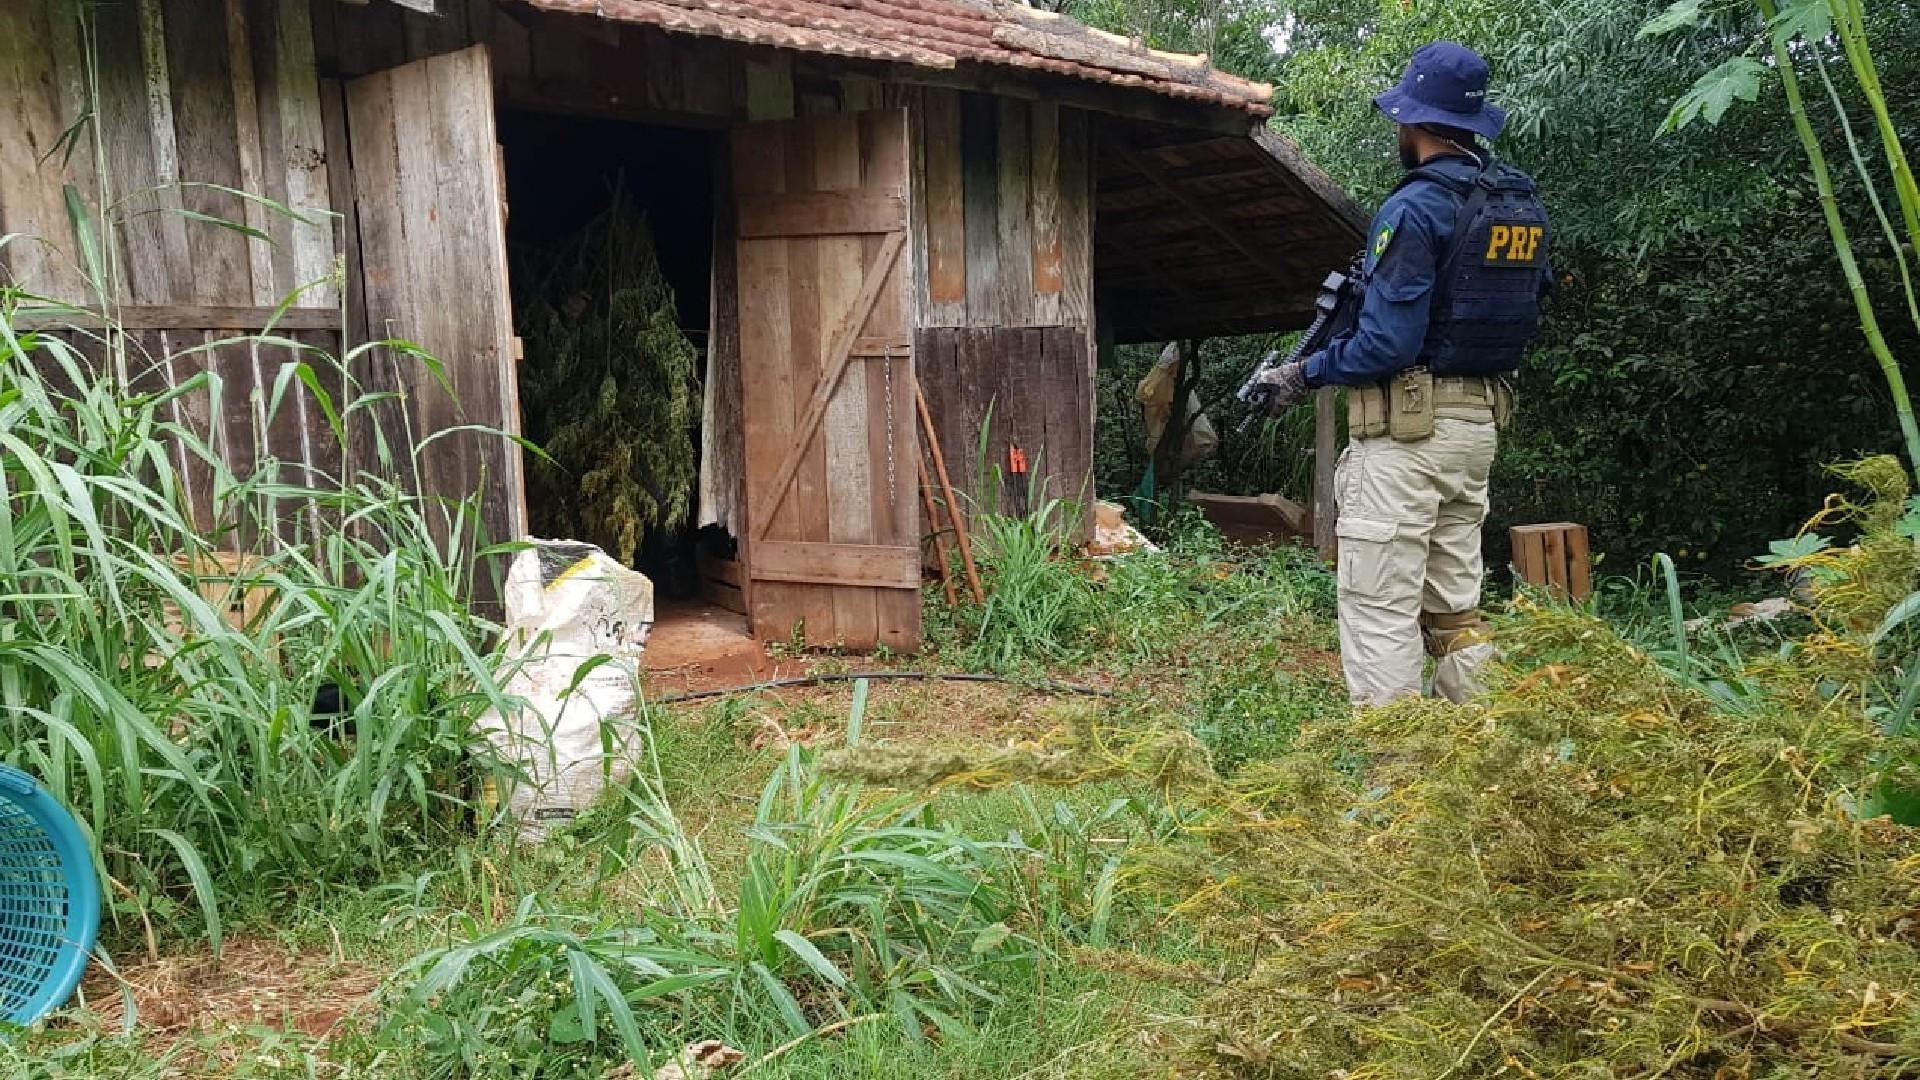 PRF descobre galpão de plantação de maconha em Vera Cruz do Oeste; três homens são presos